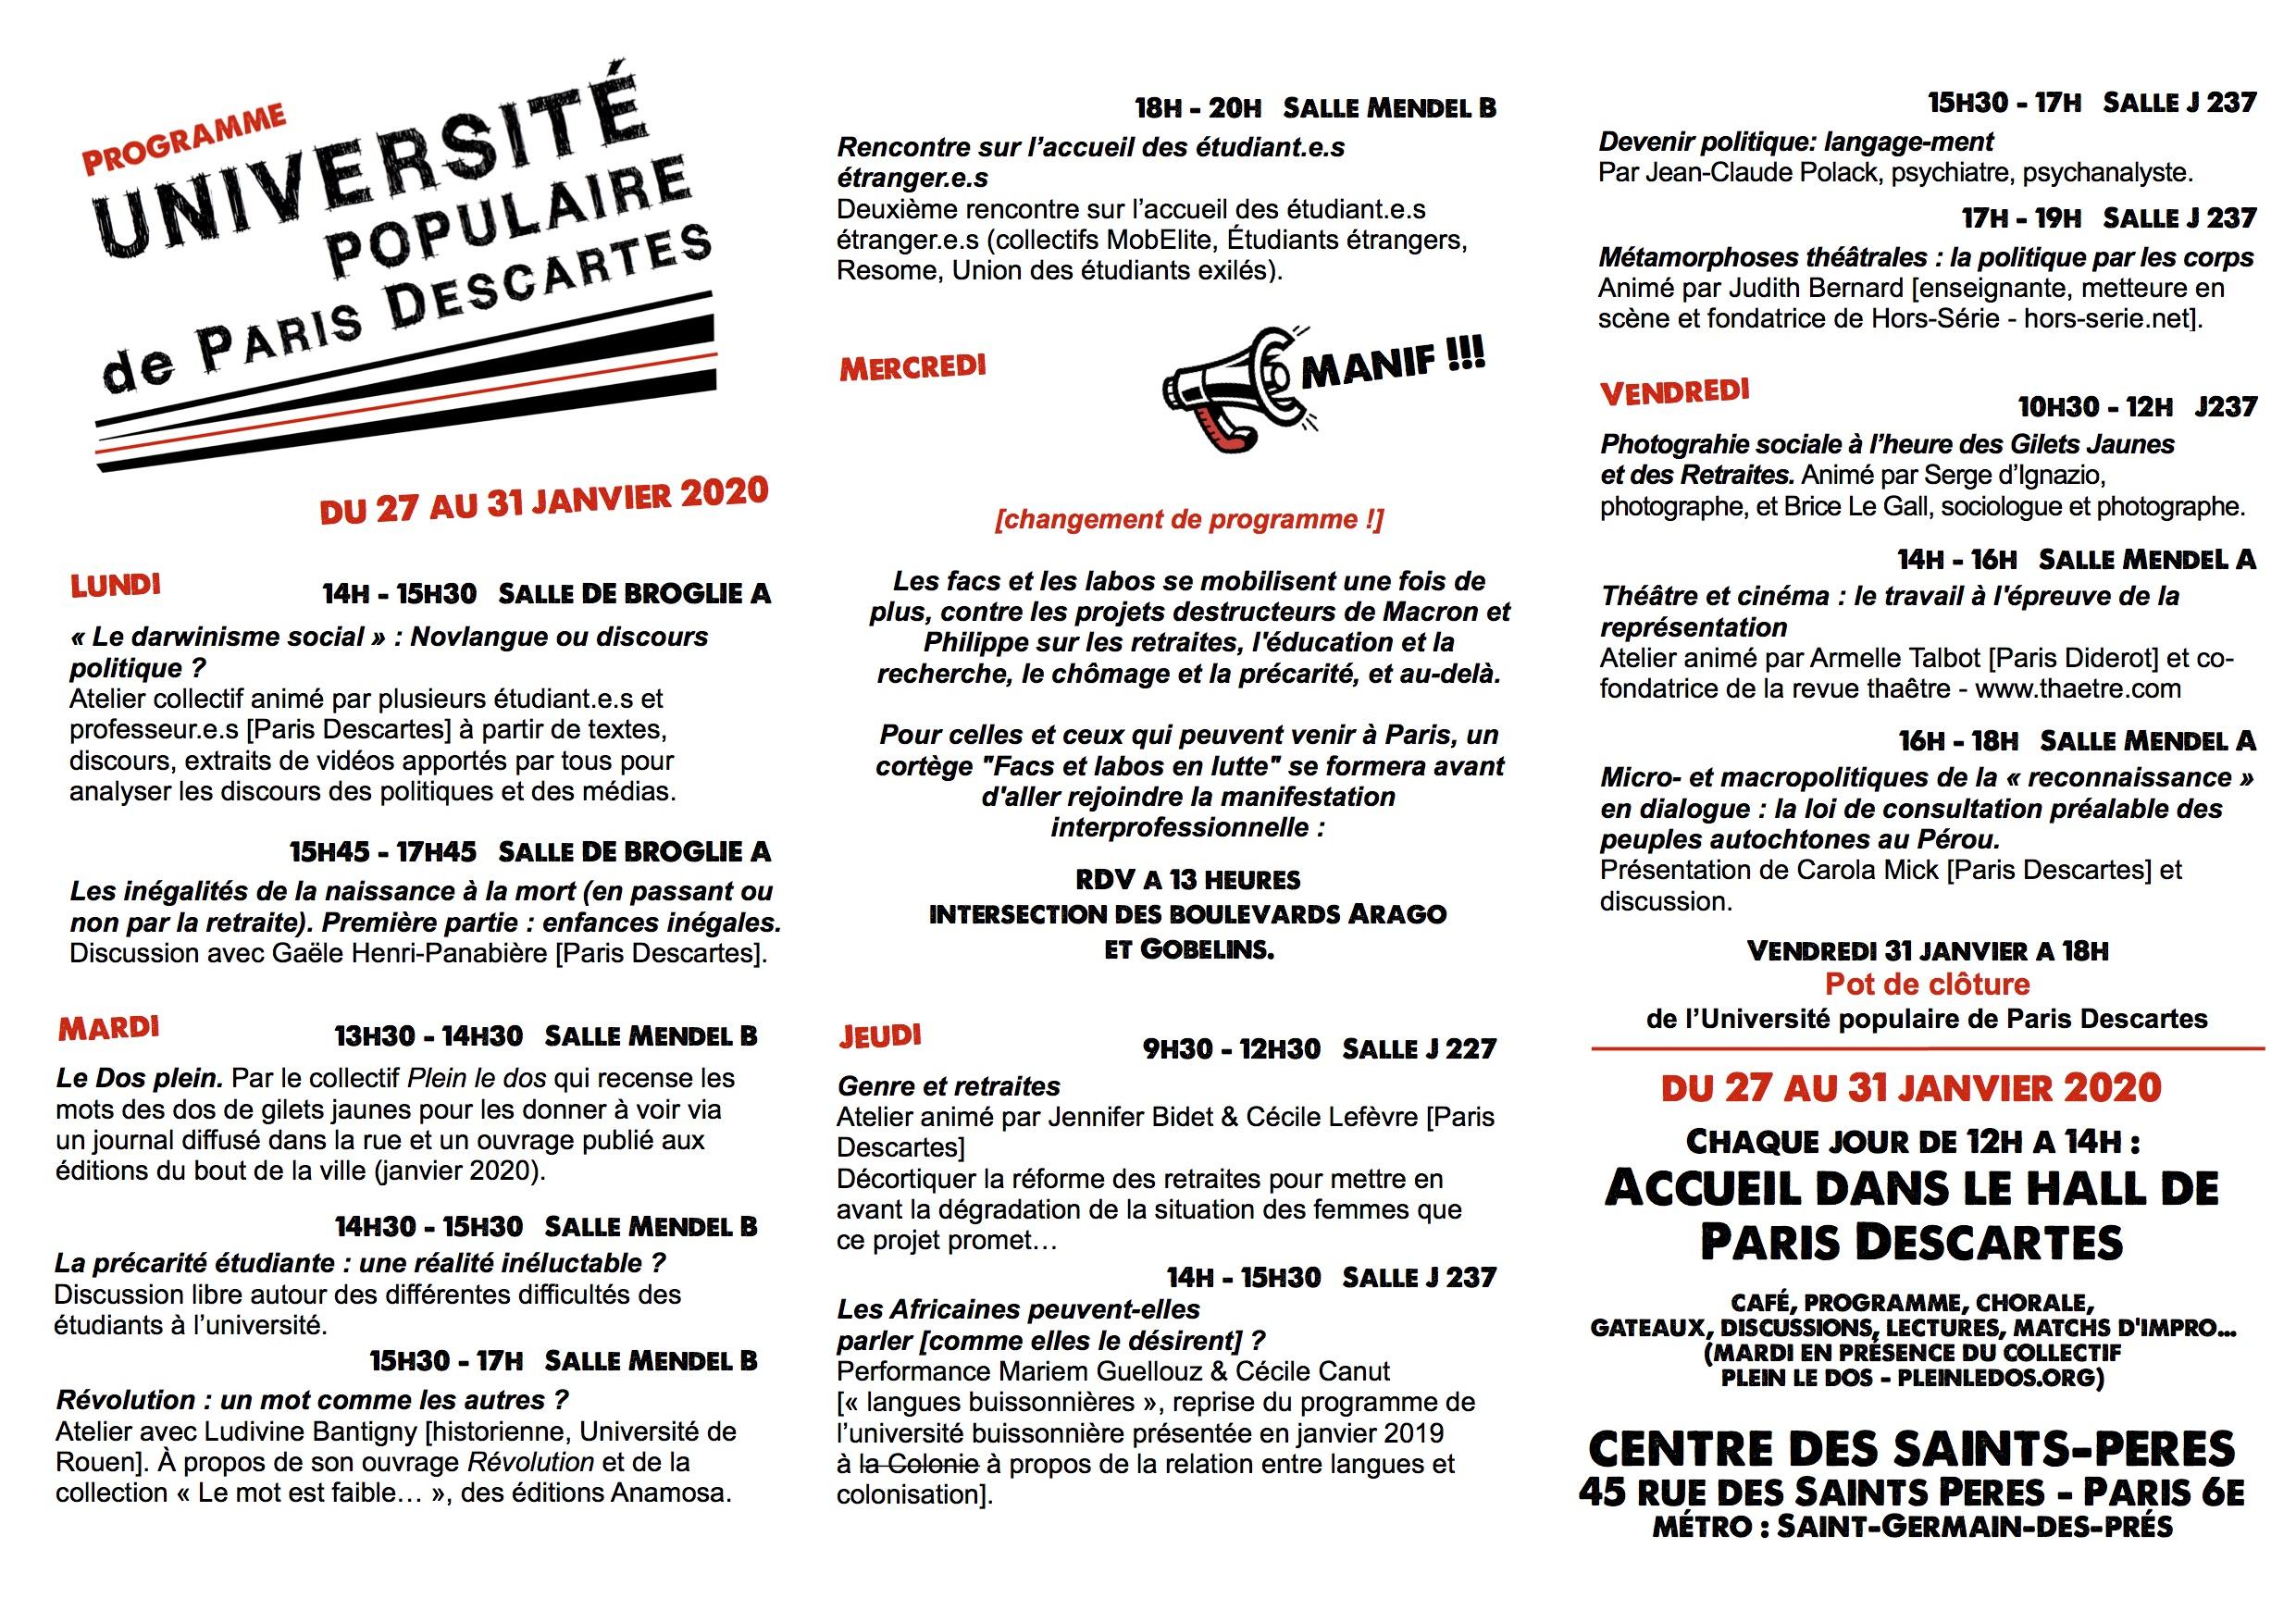 upopdescartes-programme11.jpg